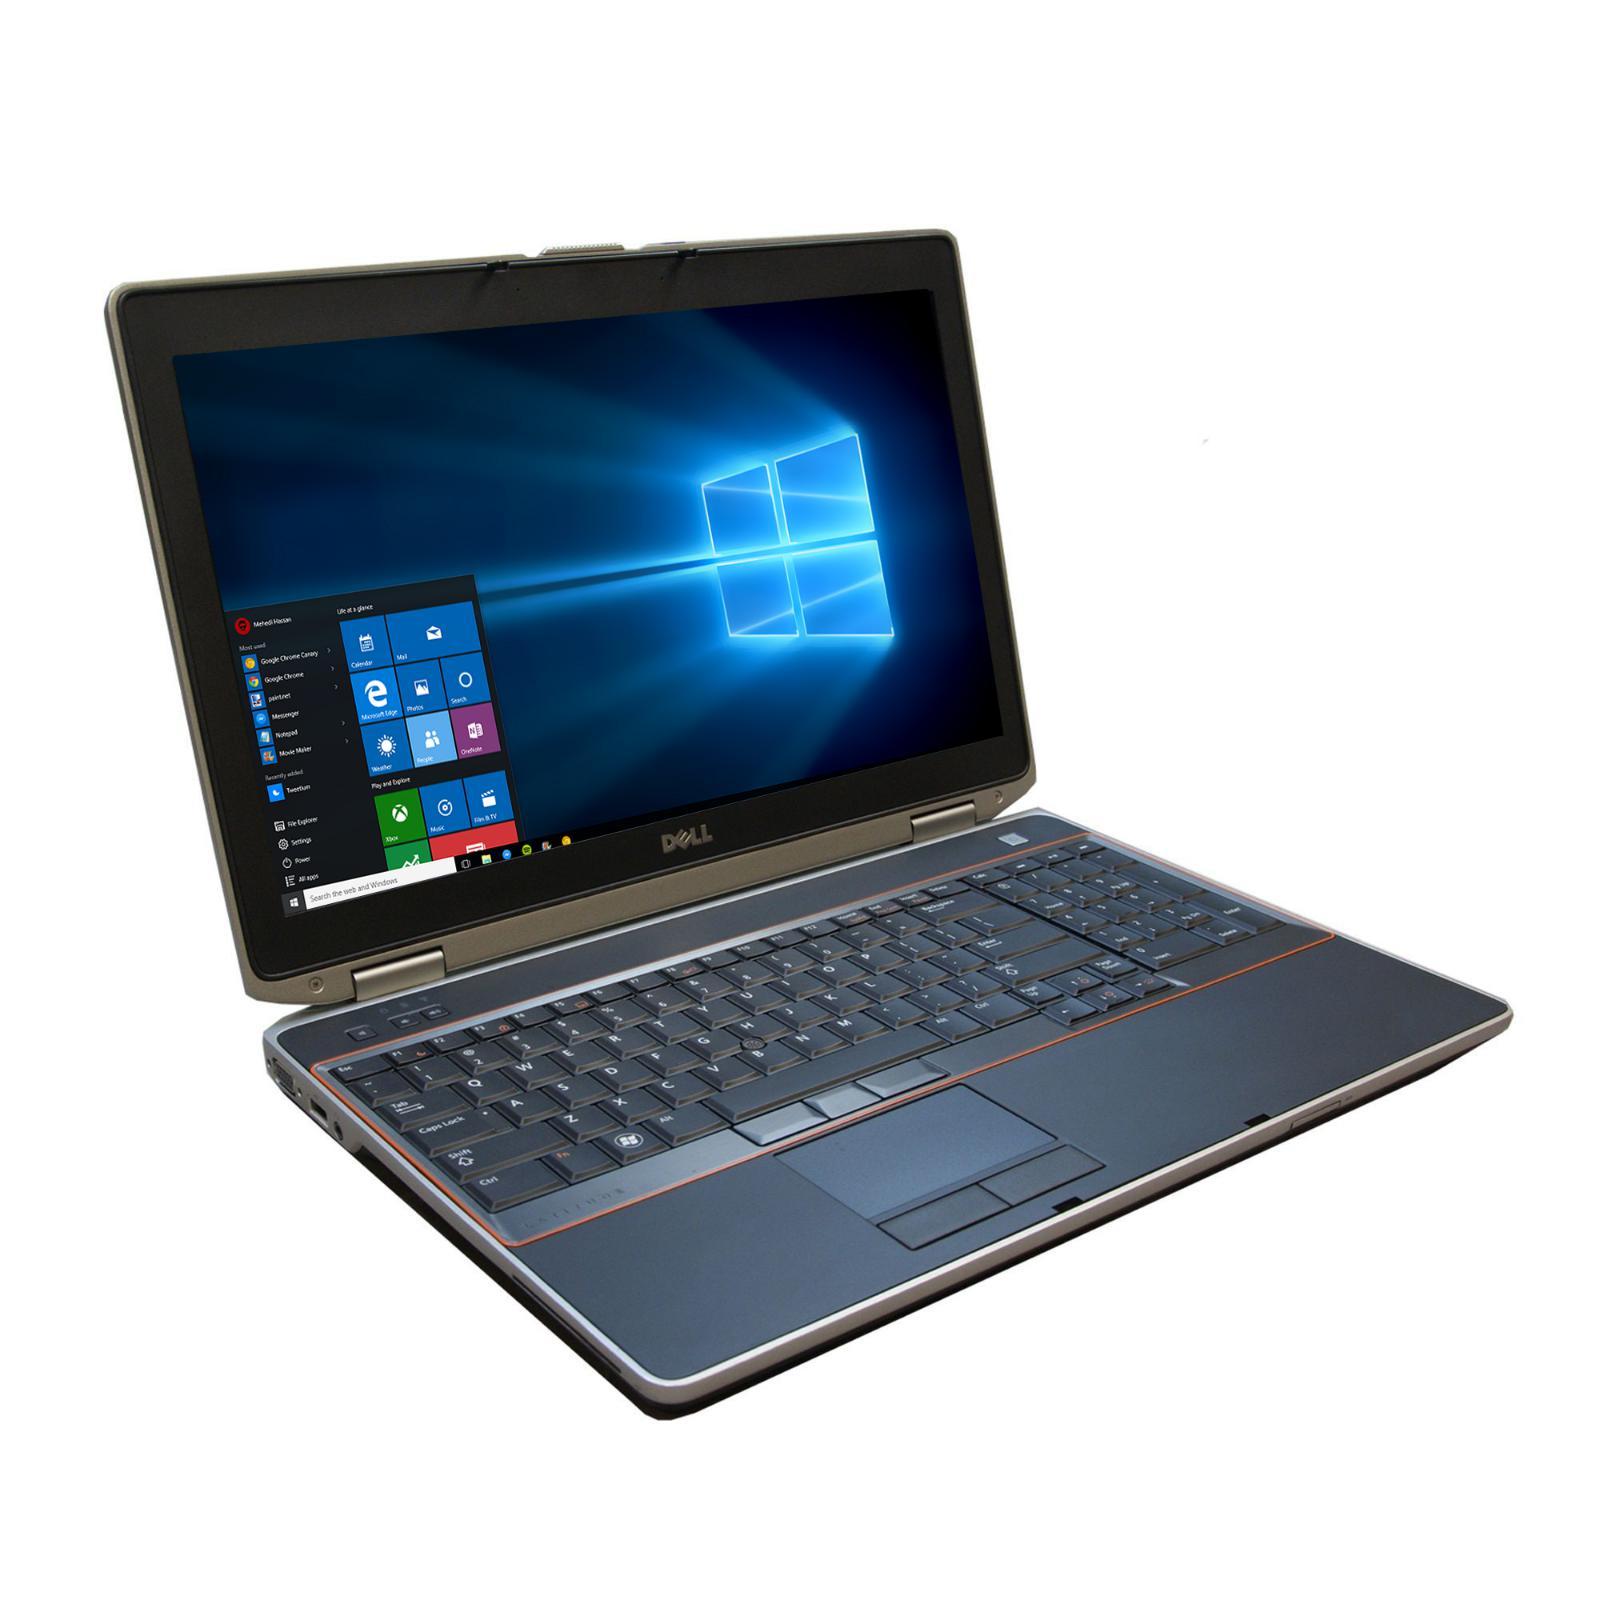 Dell Latitude E6520 15.6-inch (February 2011) - Core i5-2540M - 4 GB  - HDD 500 GB